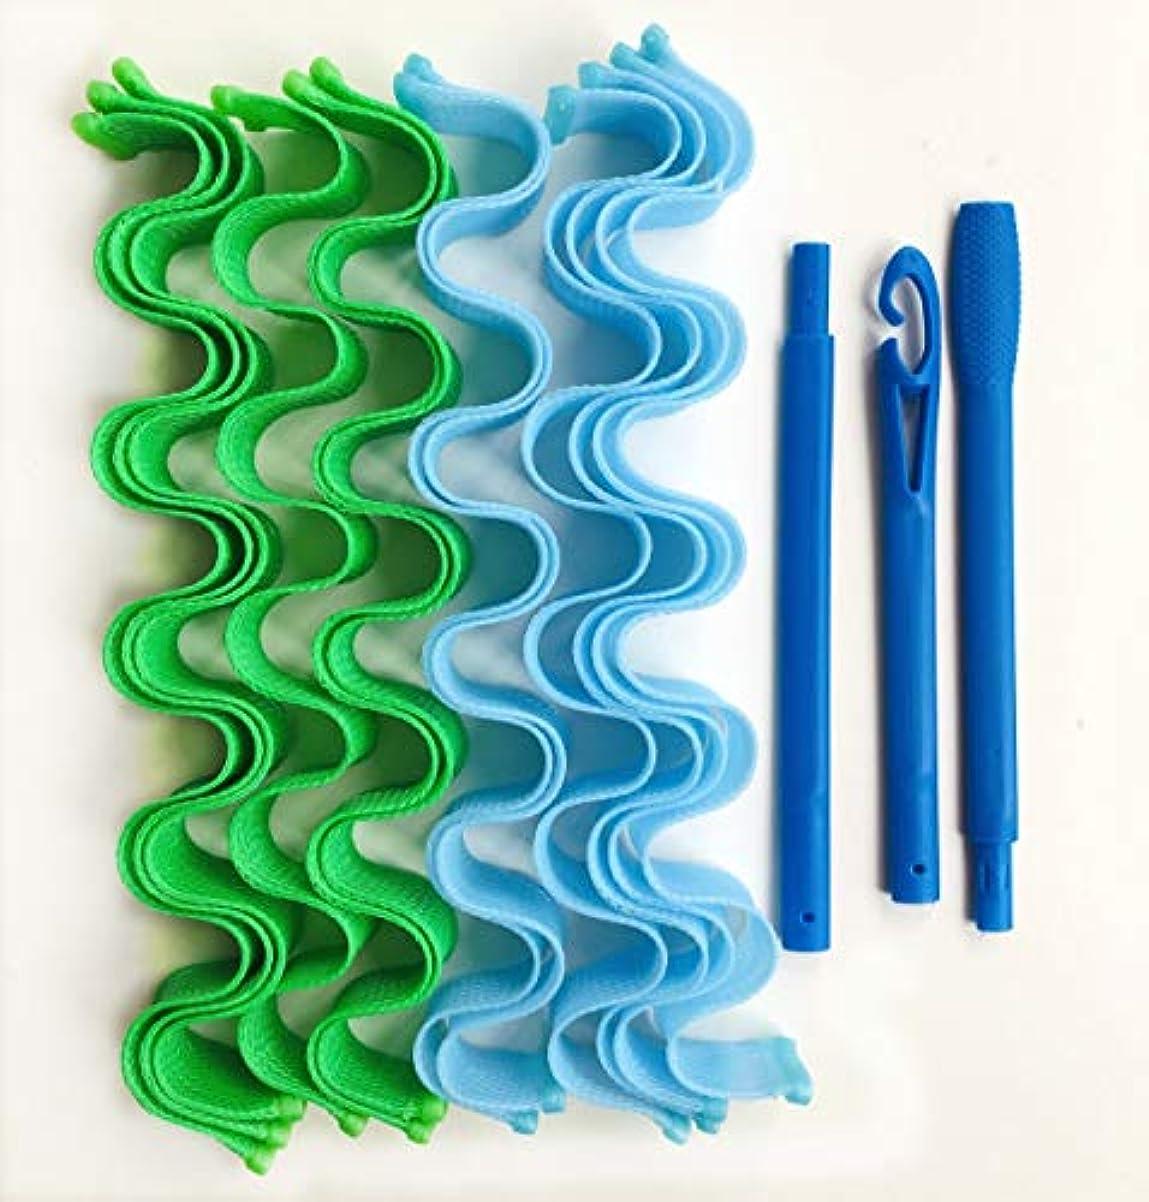 ファイルフェードアウトドロップAFAEF HOME 24個(50センチメートル)ウェーブヘアーカーラーローラー、媒体へのロングヘアヘアスタイリングツールヒートレス水リップルカーラーマジックヘアローラー (Size : Twenty-four blue...